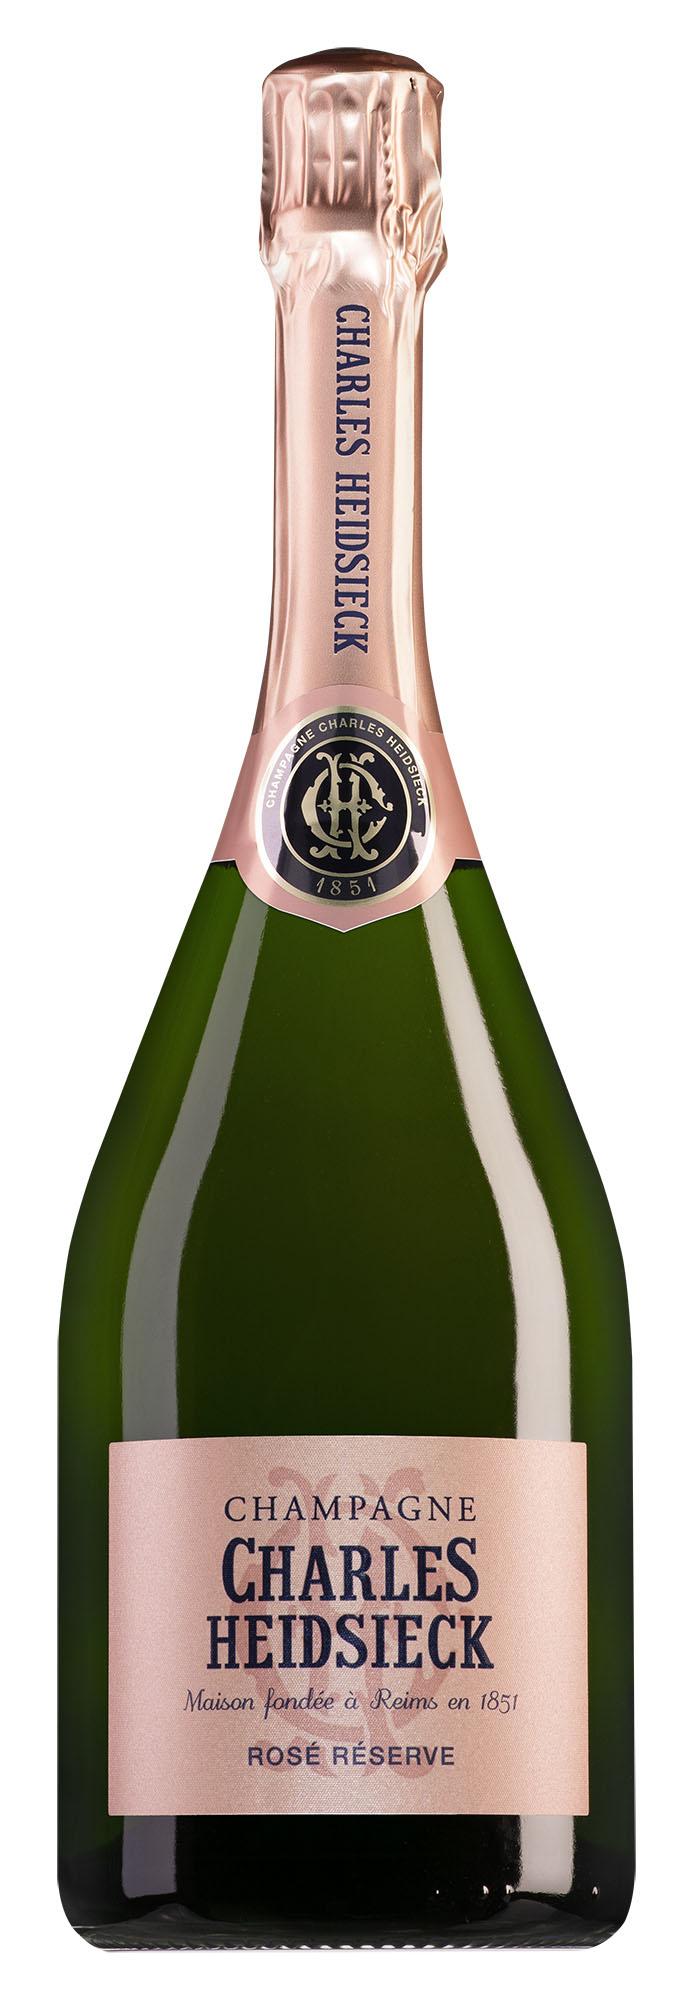 Charles Heidsieck Champagne Rosé Réserve Brut